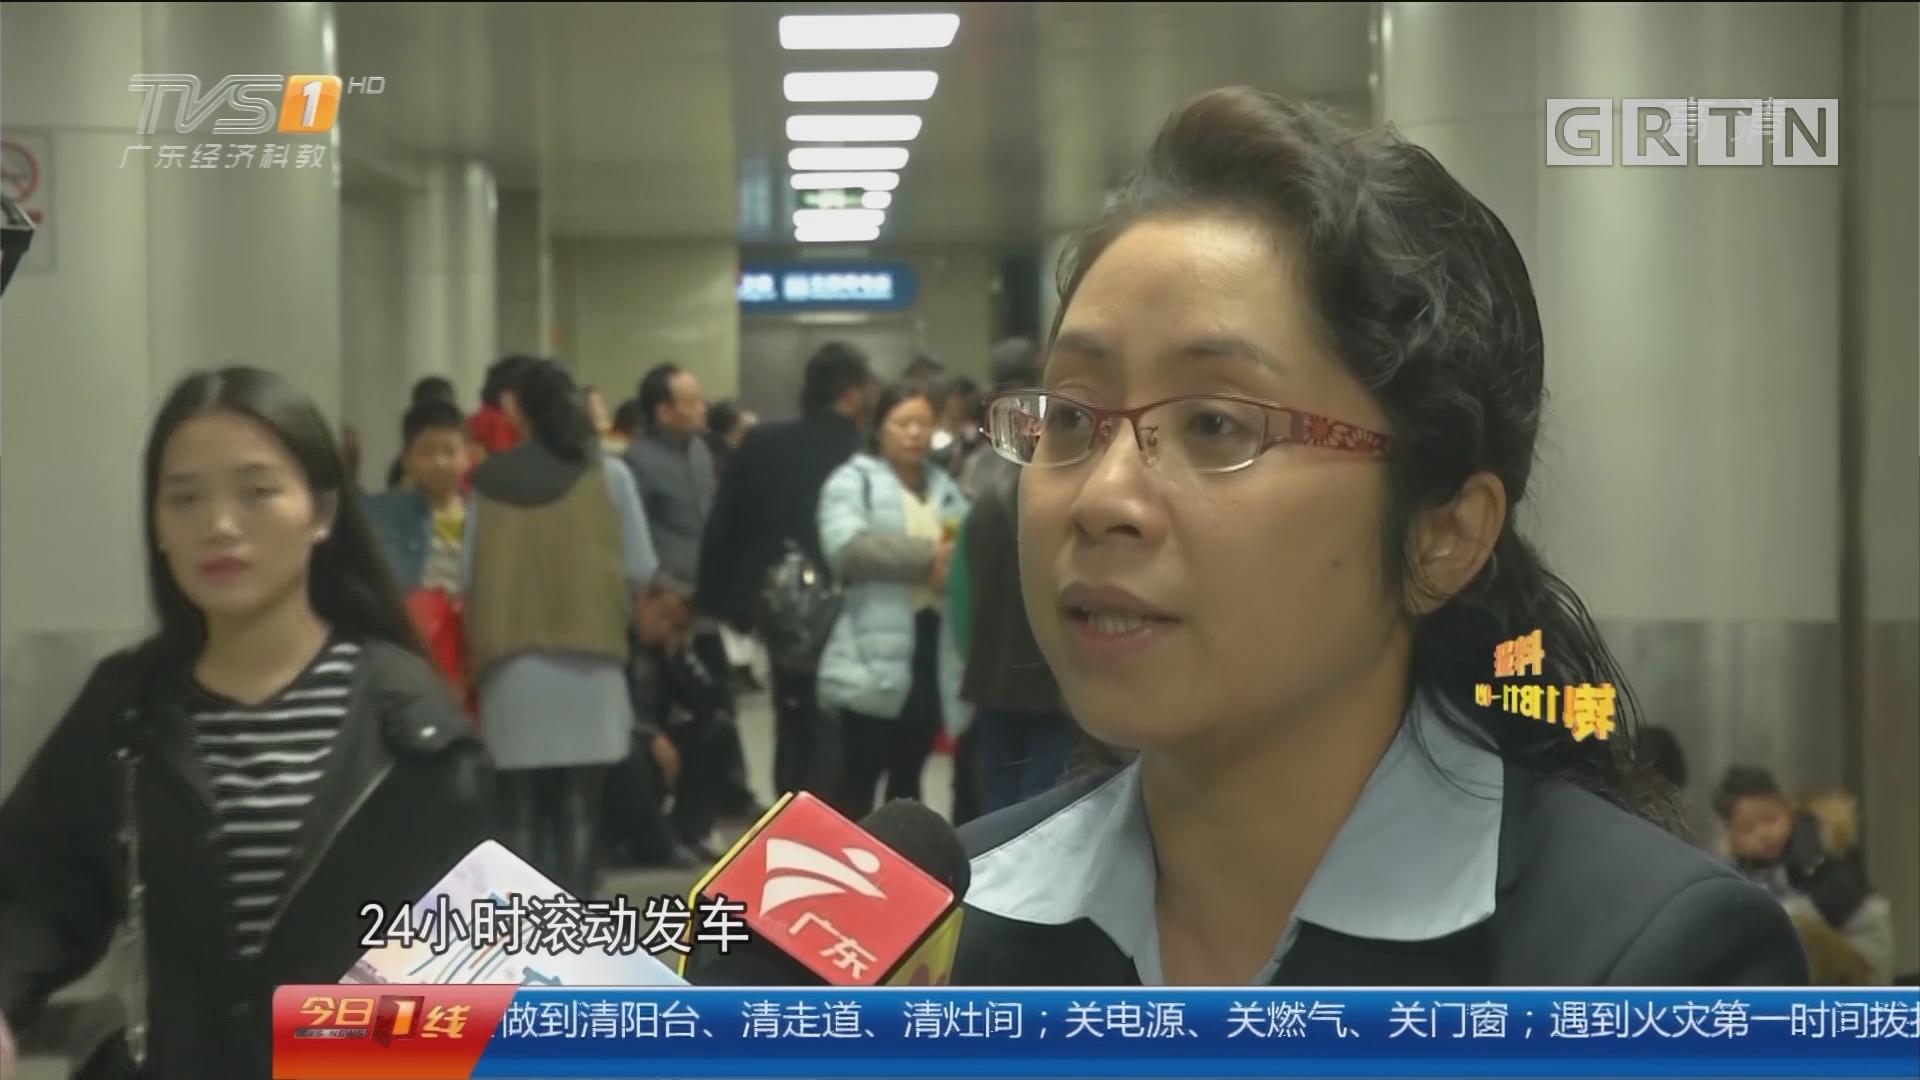 """关注节后返程高峰:省汽车站 省汽车站开启""""24小时营运""""模式"""